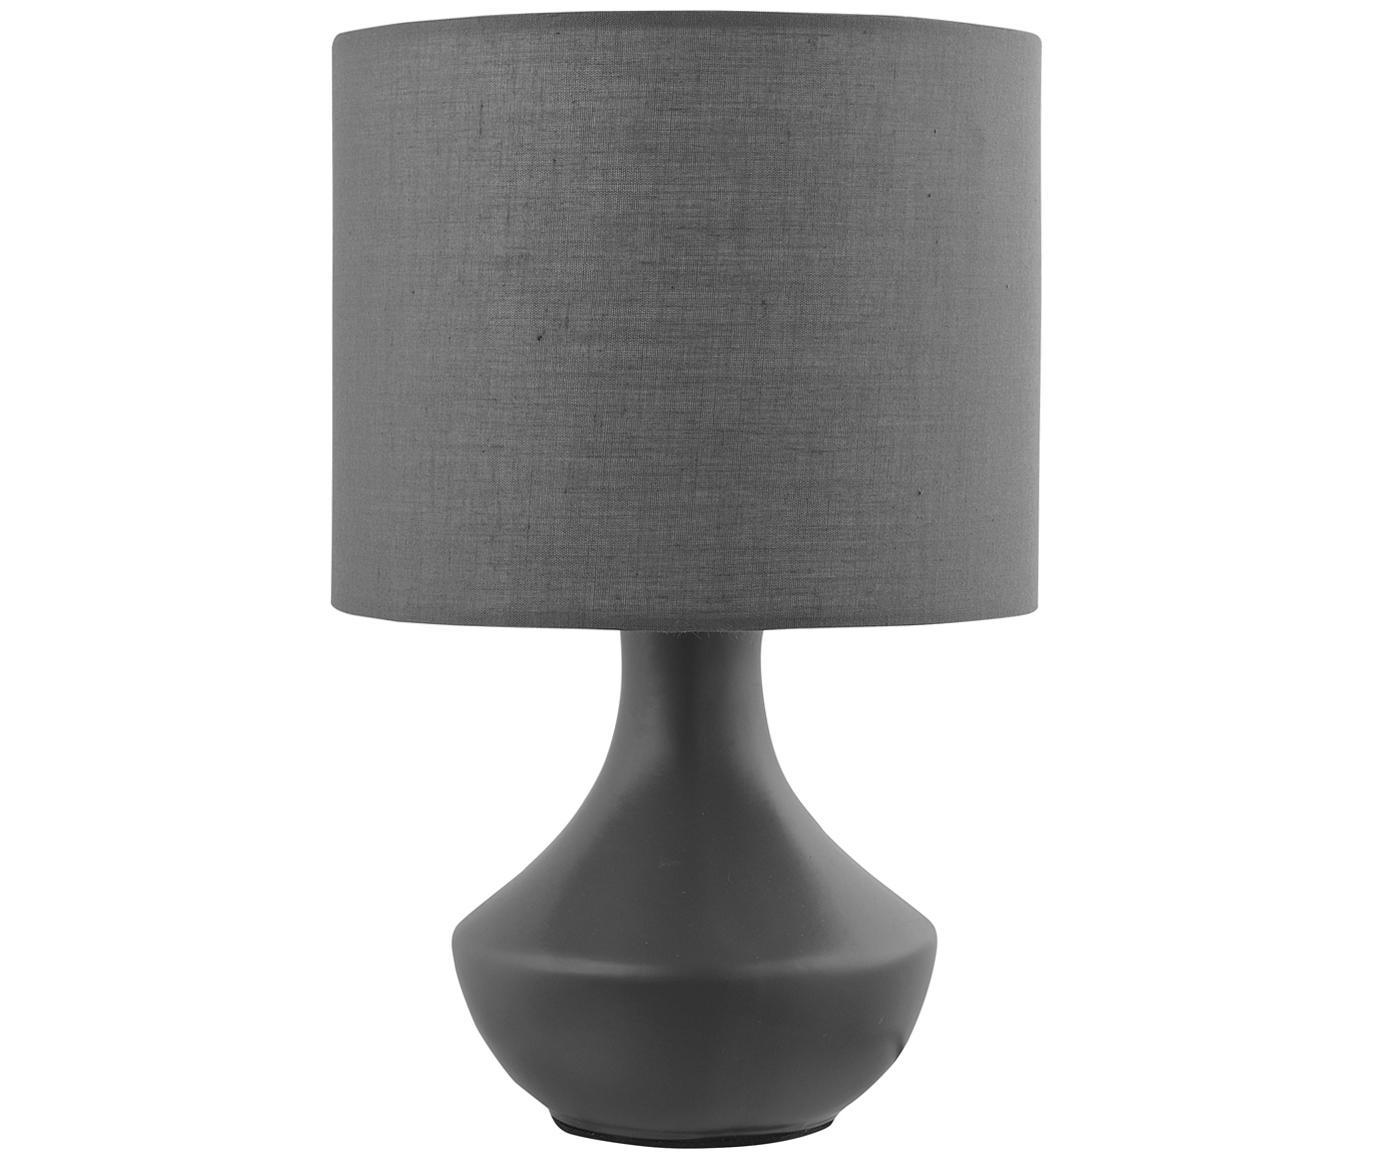 Tischleuchte Rosia, Lampenschirm: Polyester, Lampenfuß: Metall, lackiert, Grau, Ø 18 x H 26 cm